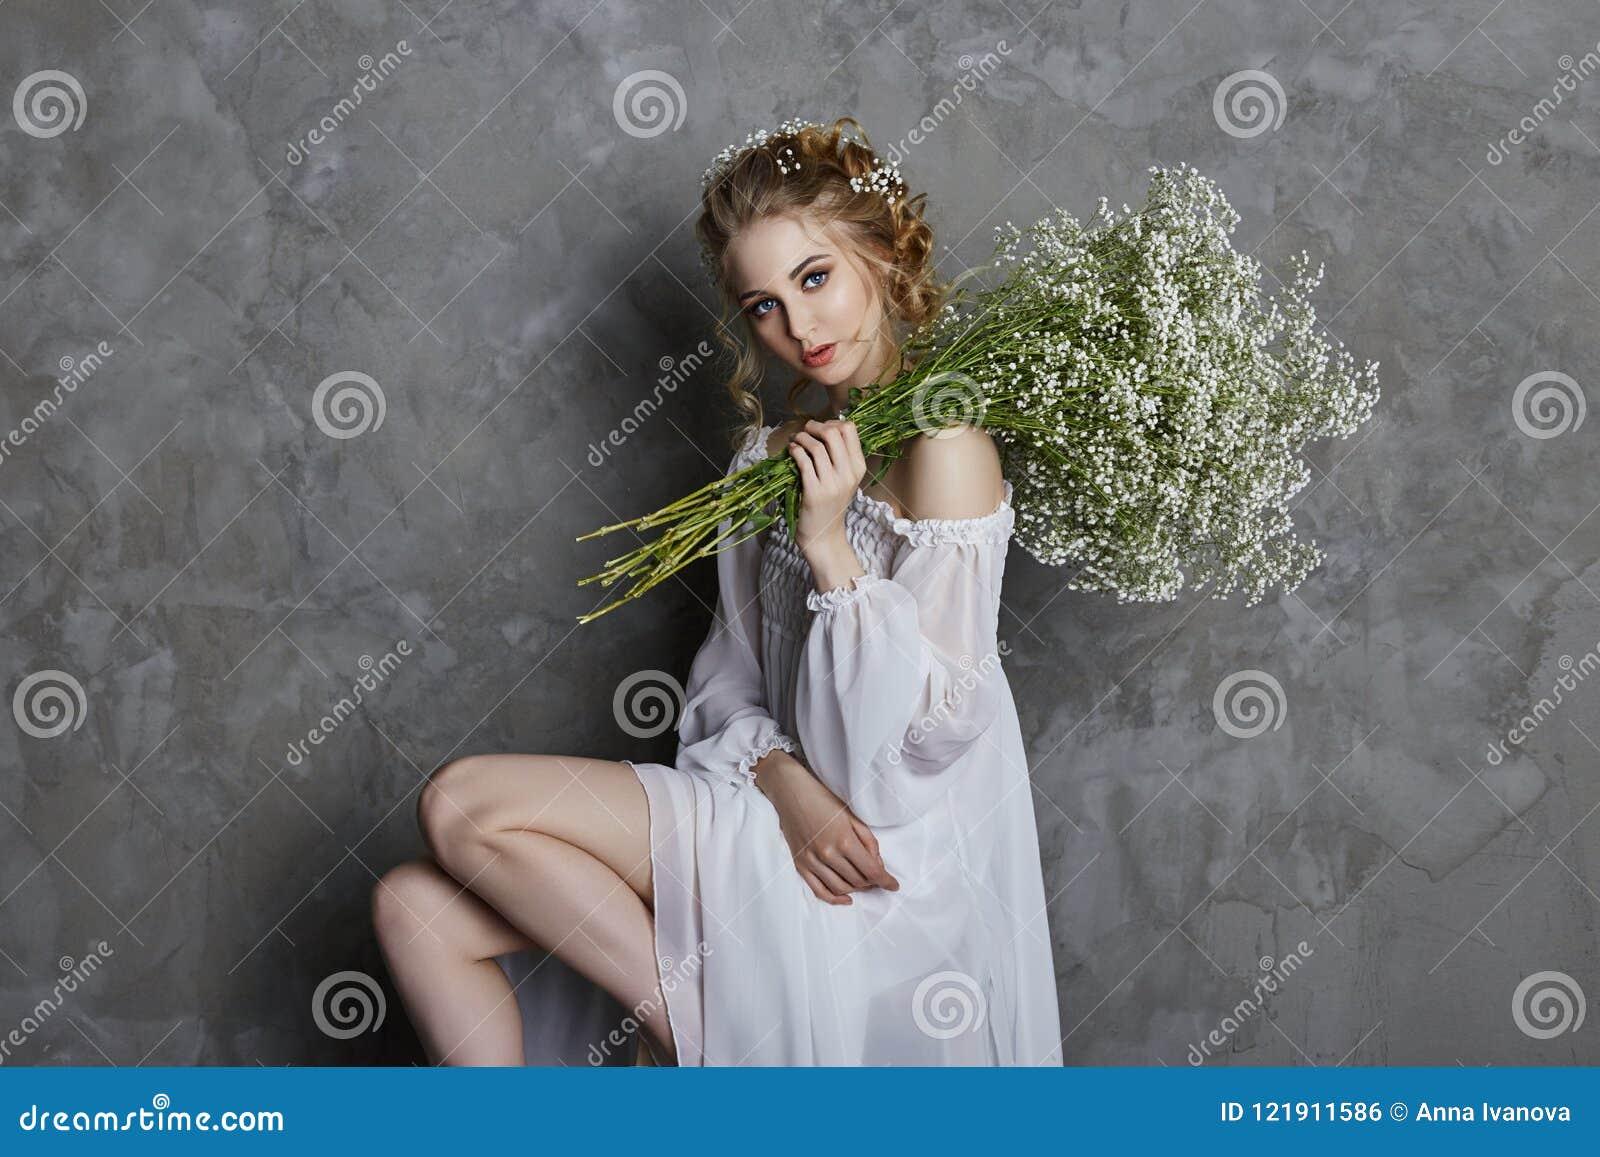 Robe de lumière blanche de fille et cheveux bouclés, portrait de femme avec des fleurs à la maison près de la fenêtre, pureté et